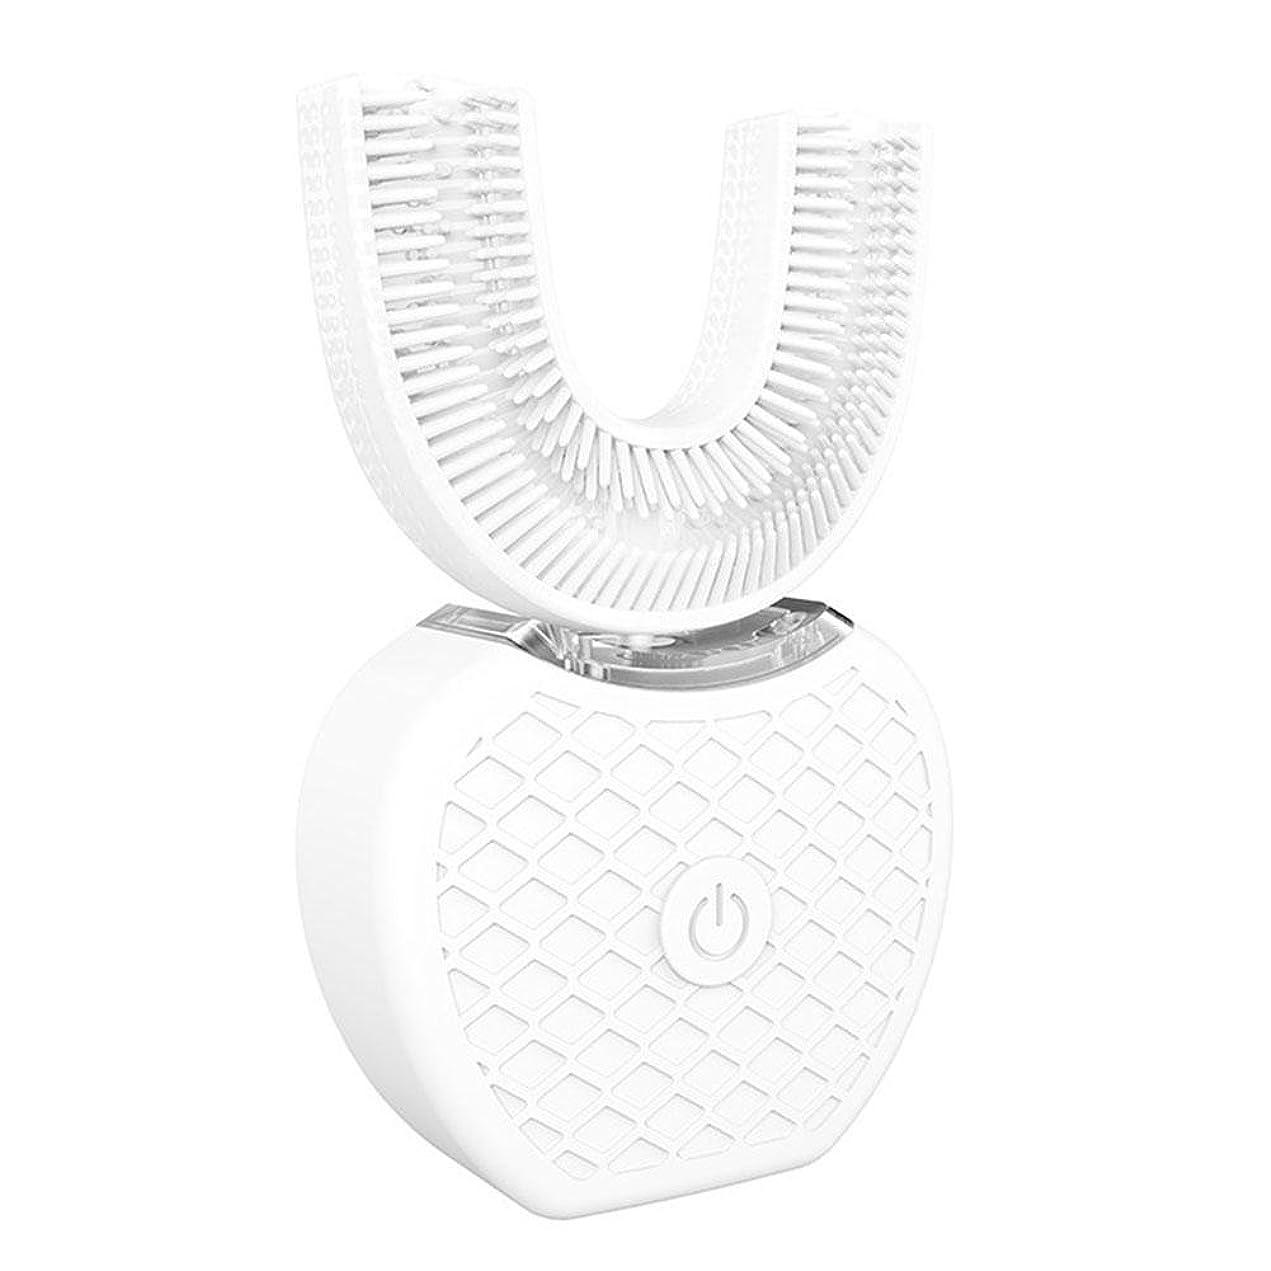 スラック理容師保存する【Cheng-store】自動周波数超音波電動歯ブラシ360° 怠惰な歯ブラシ白い歯の器具 自動ハンズフリー白色発光 ブラシヘッドをU字型4選択可能なモード